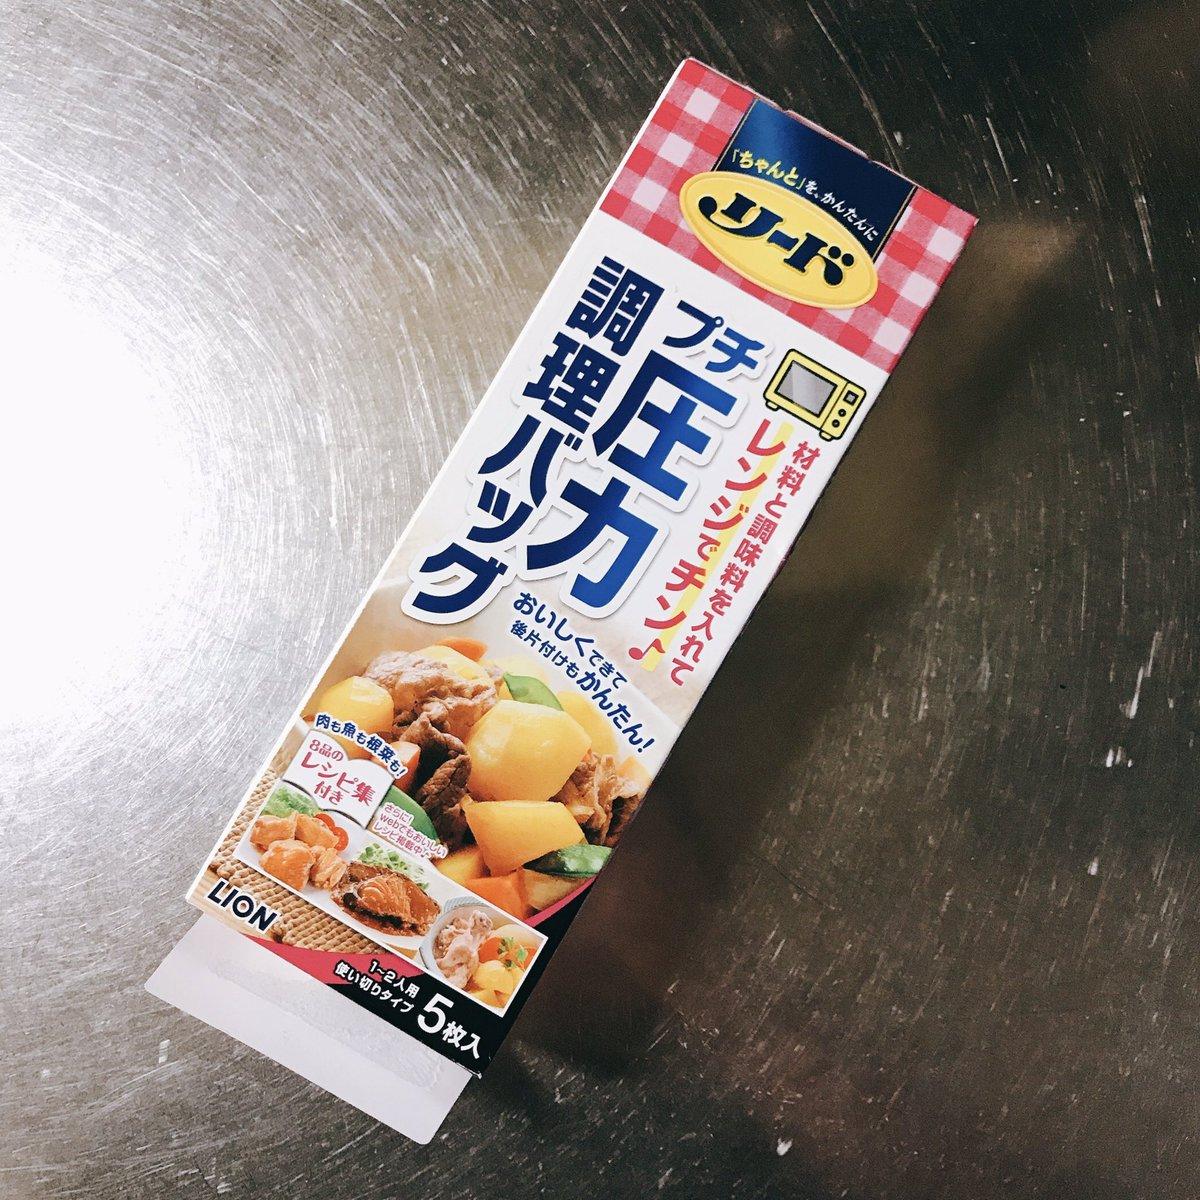 リードプチ圧力調理バッグが便利!主食・副菜・デザート・冷凍保存もできる!